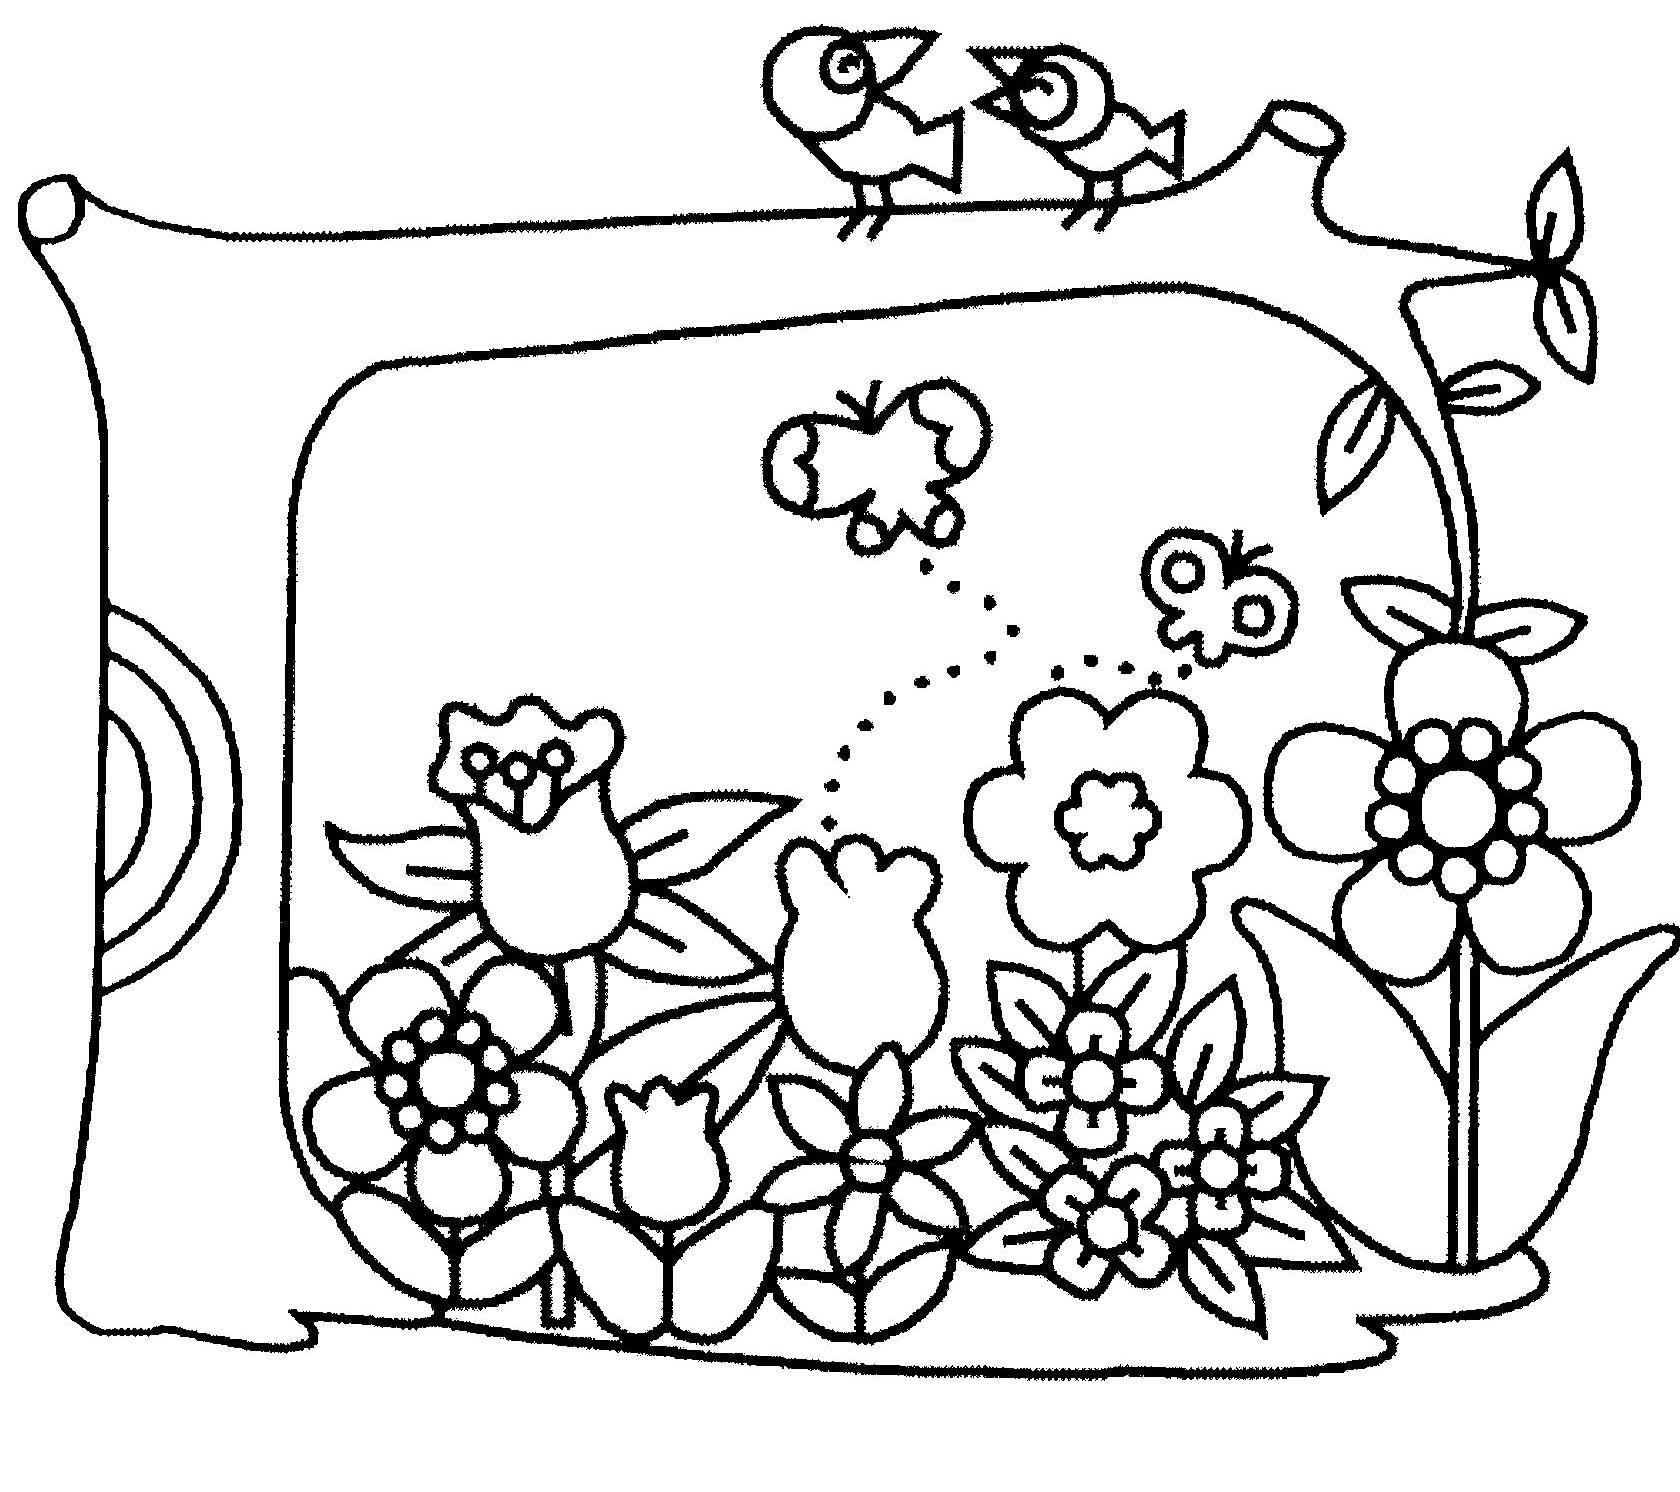 Coloriages à imprimer : Nature, numéro : 812d0ae0